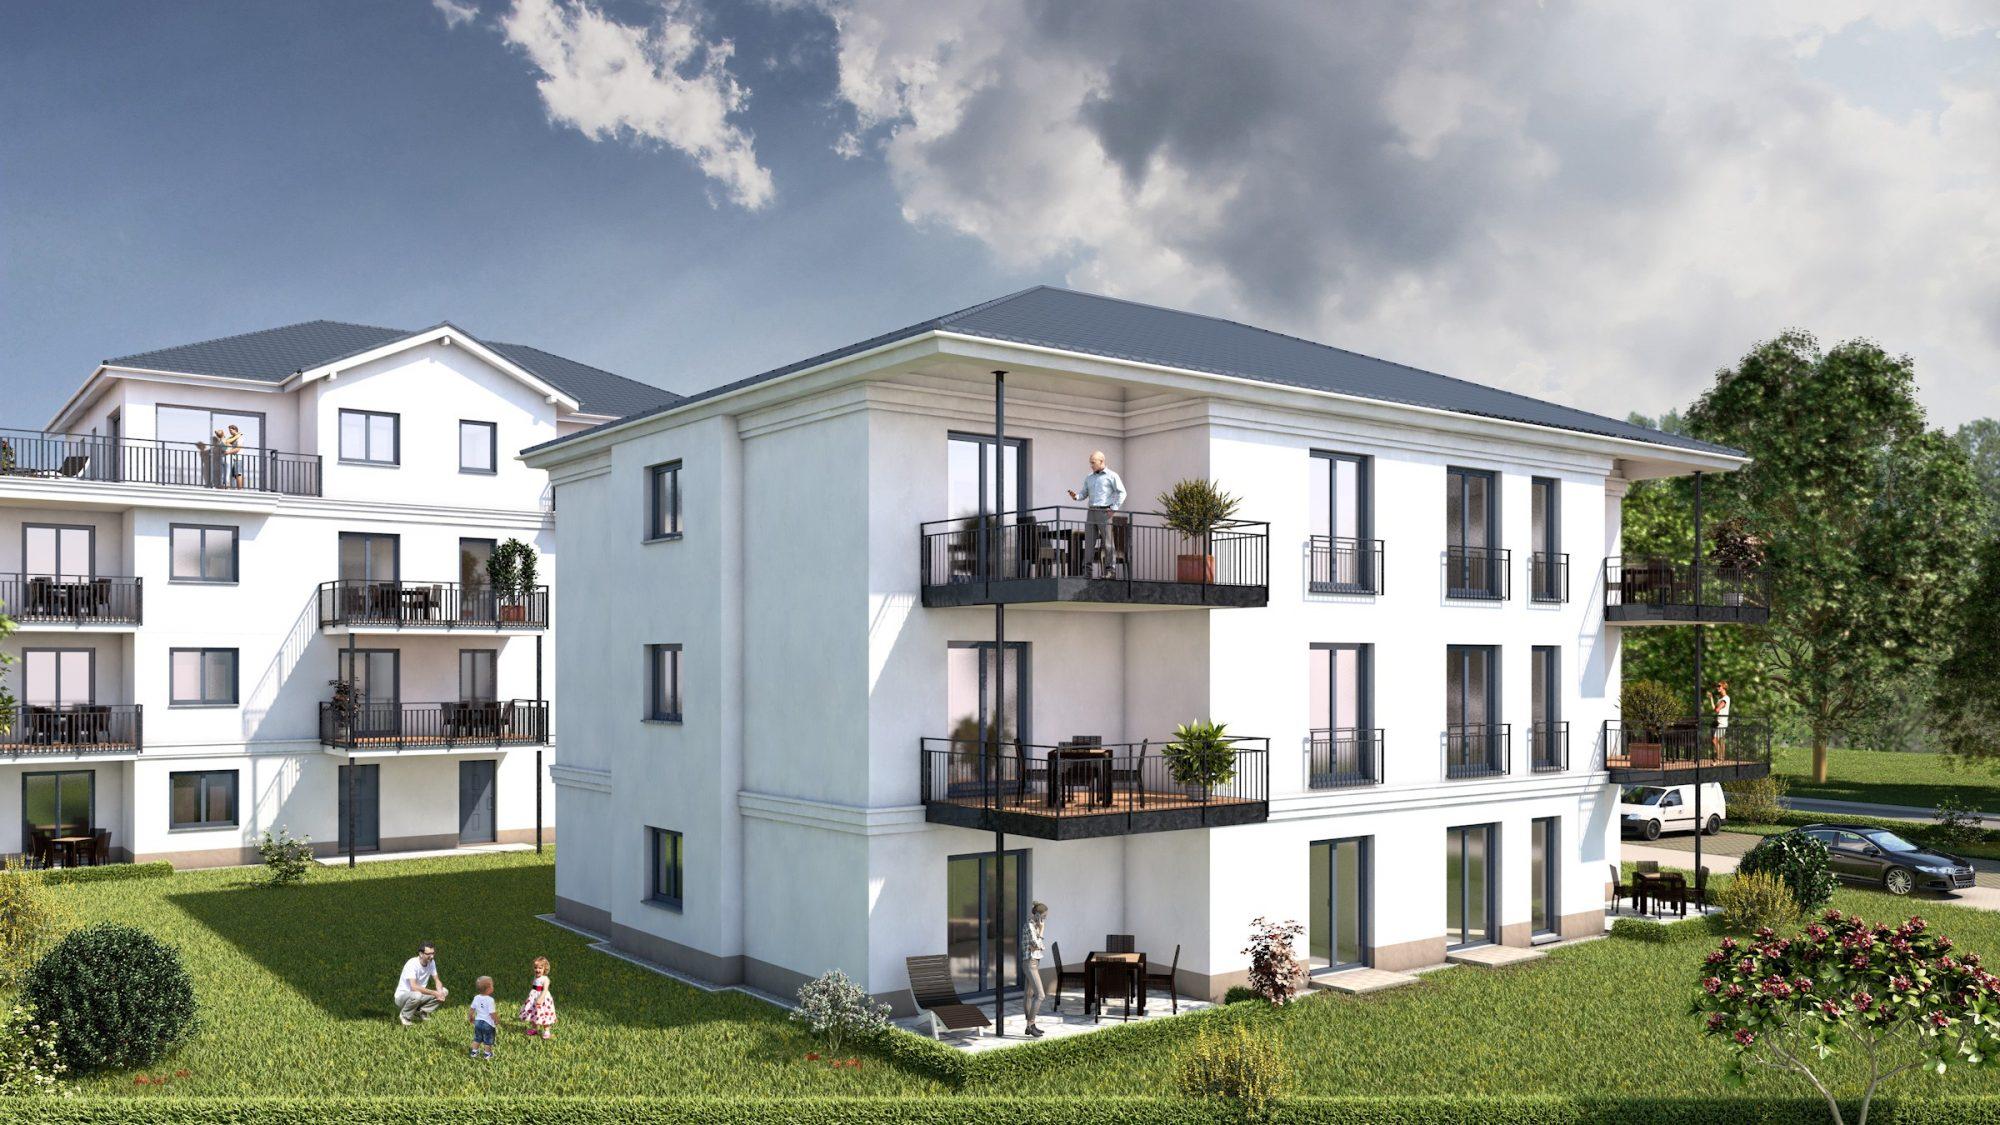 Cottbuser Ackerstrasse - Wohnen auf 90m² im GRÜNEN